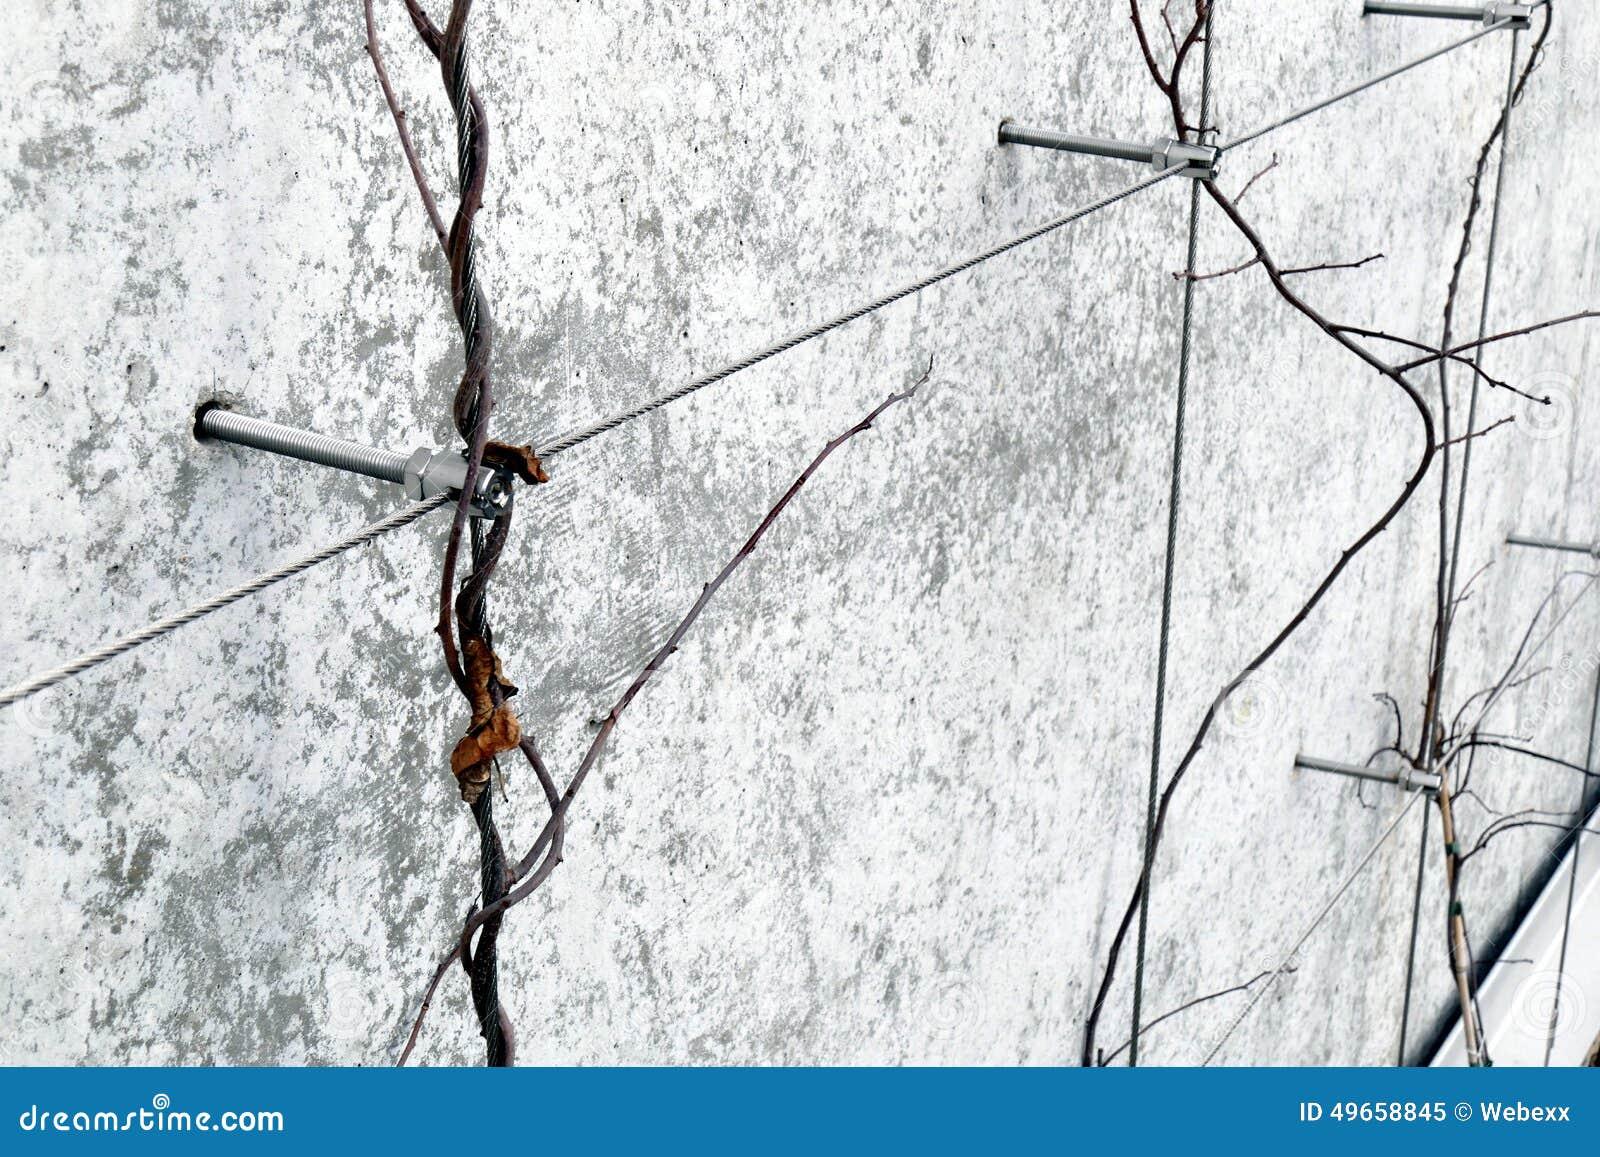 Traliccio Del Cavo Immagine Stock Immagine Di Landscaping 49658845